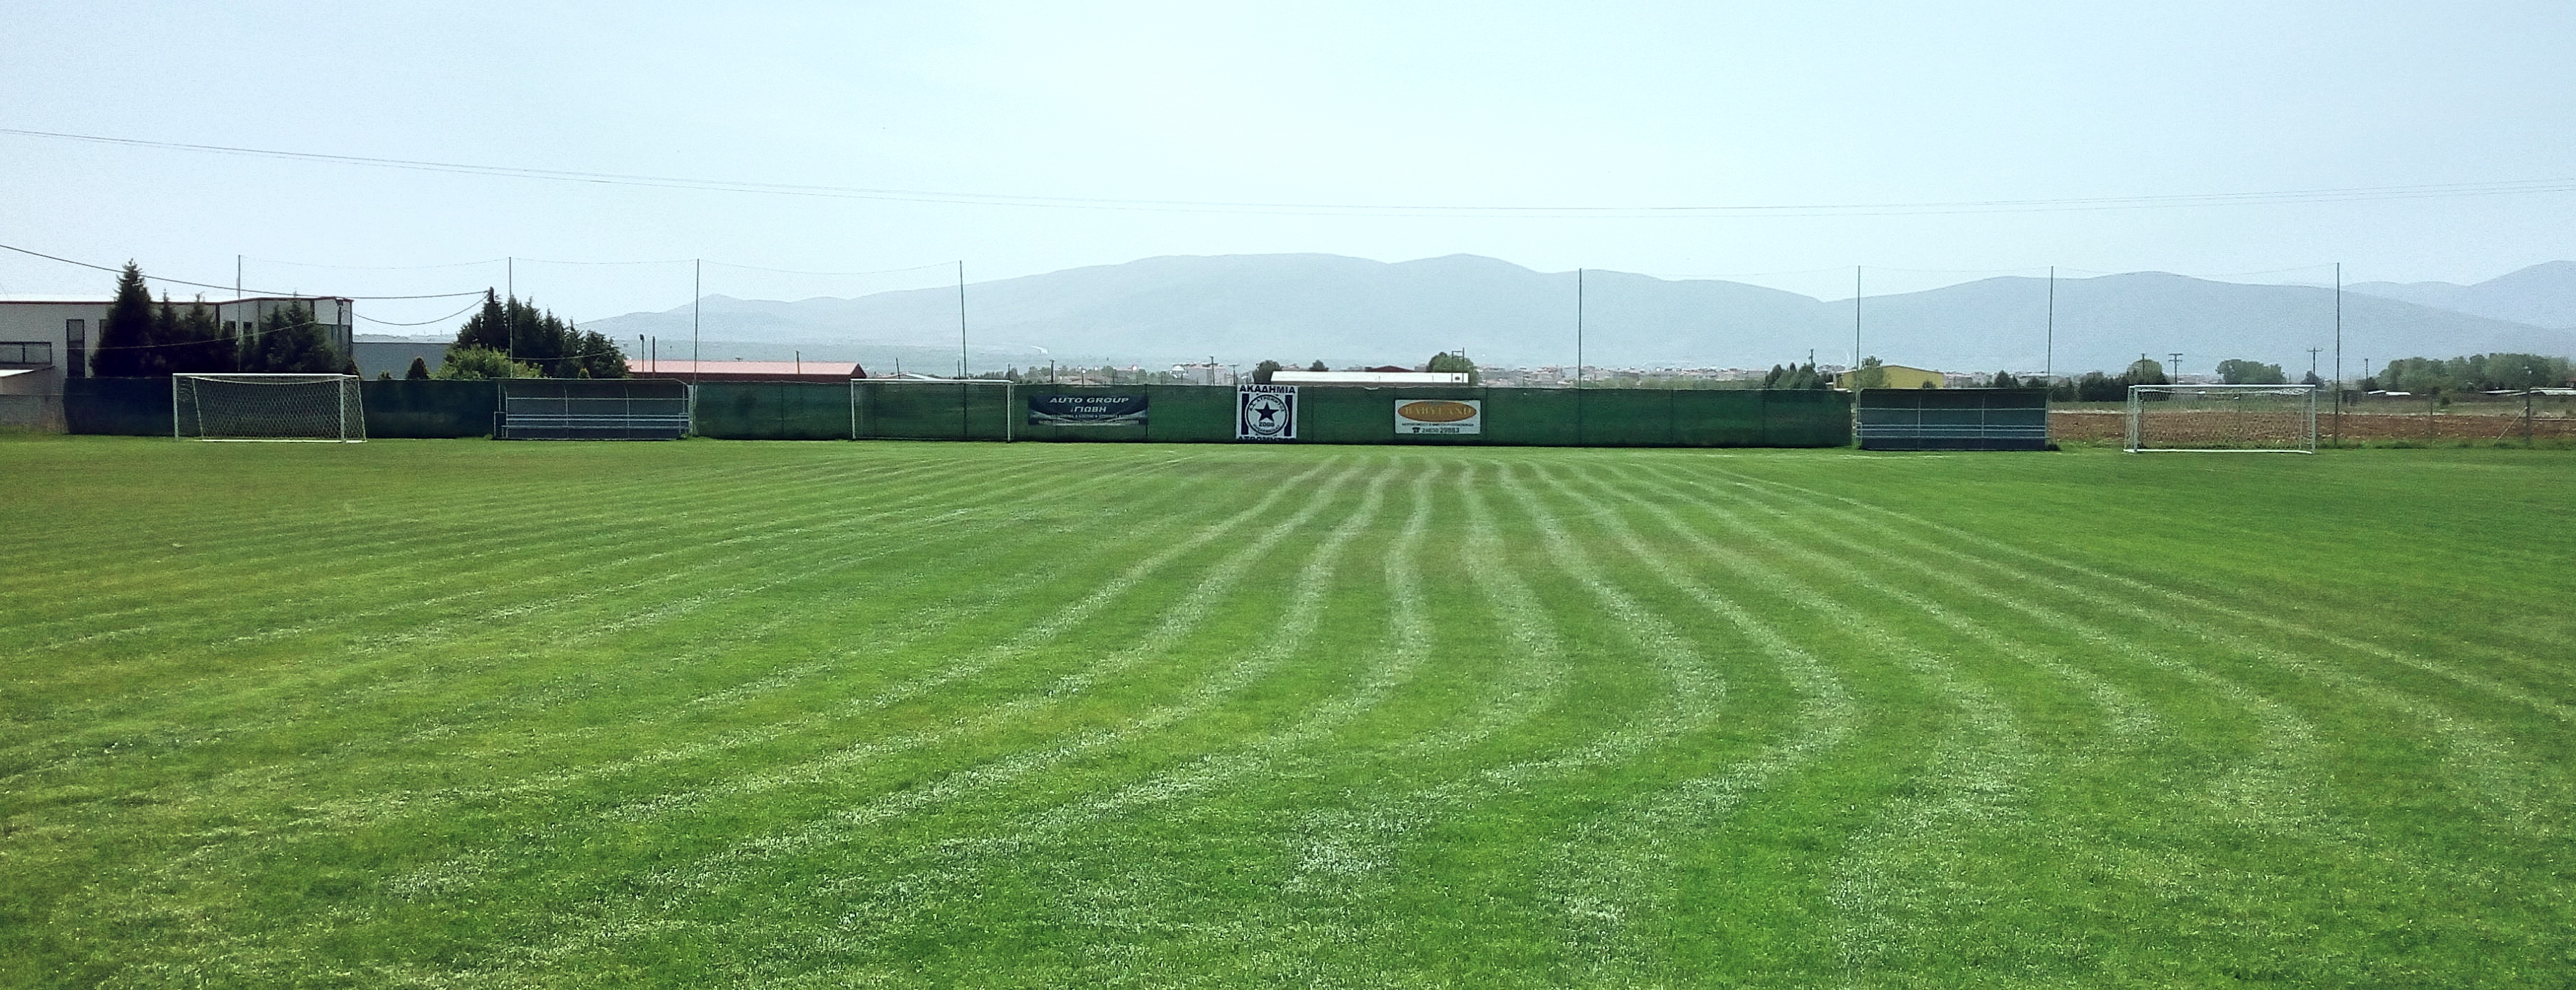 Γήπεδο ποδοσφαίρου_Fotor